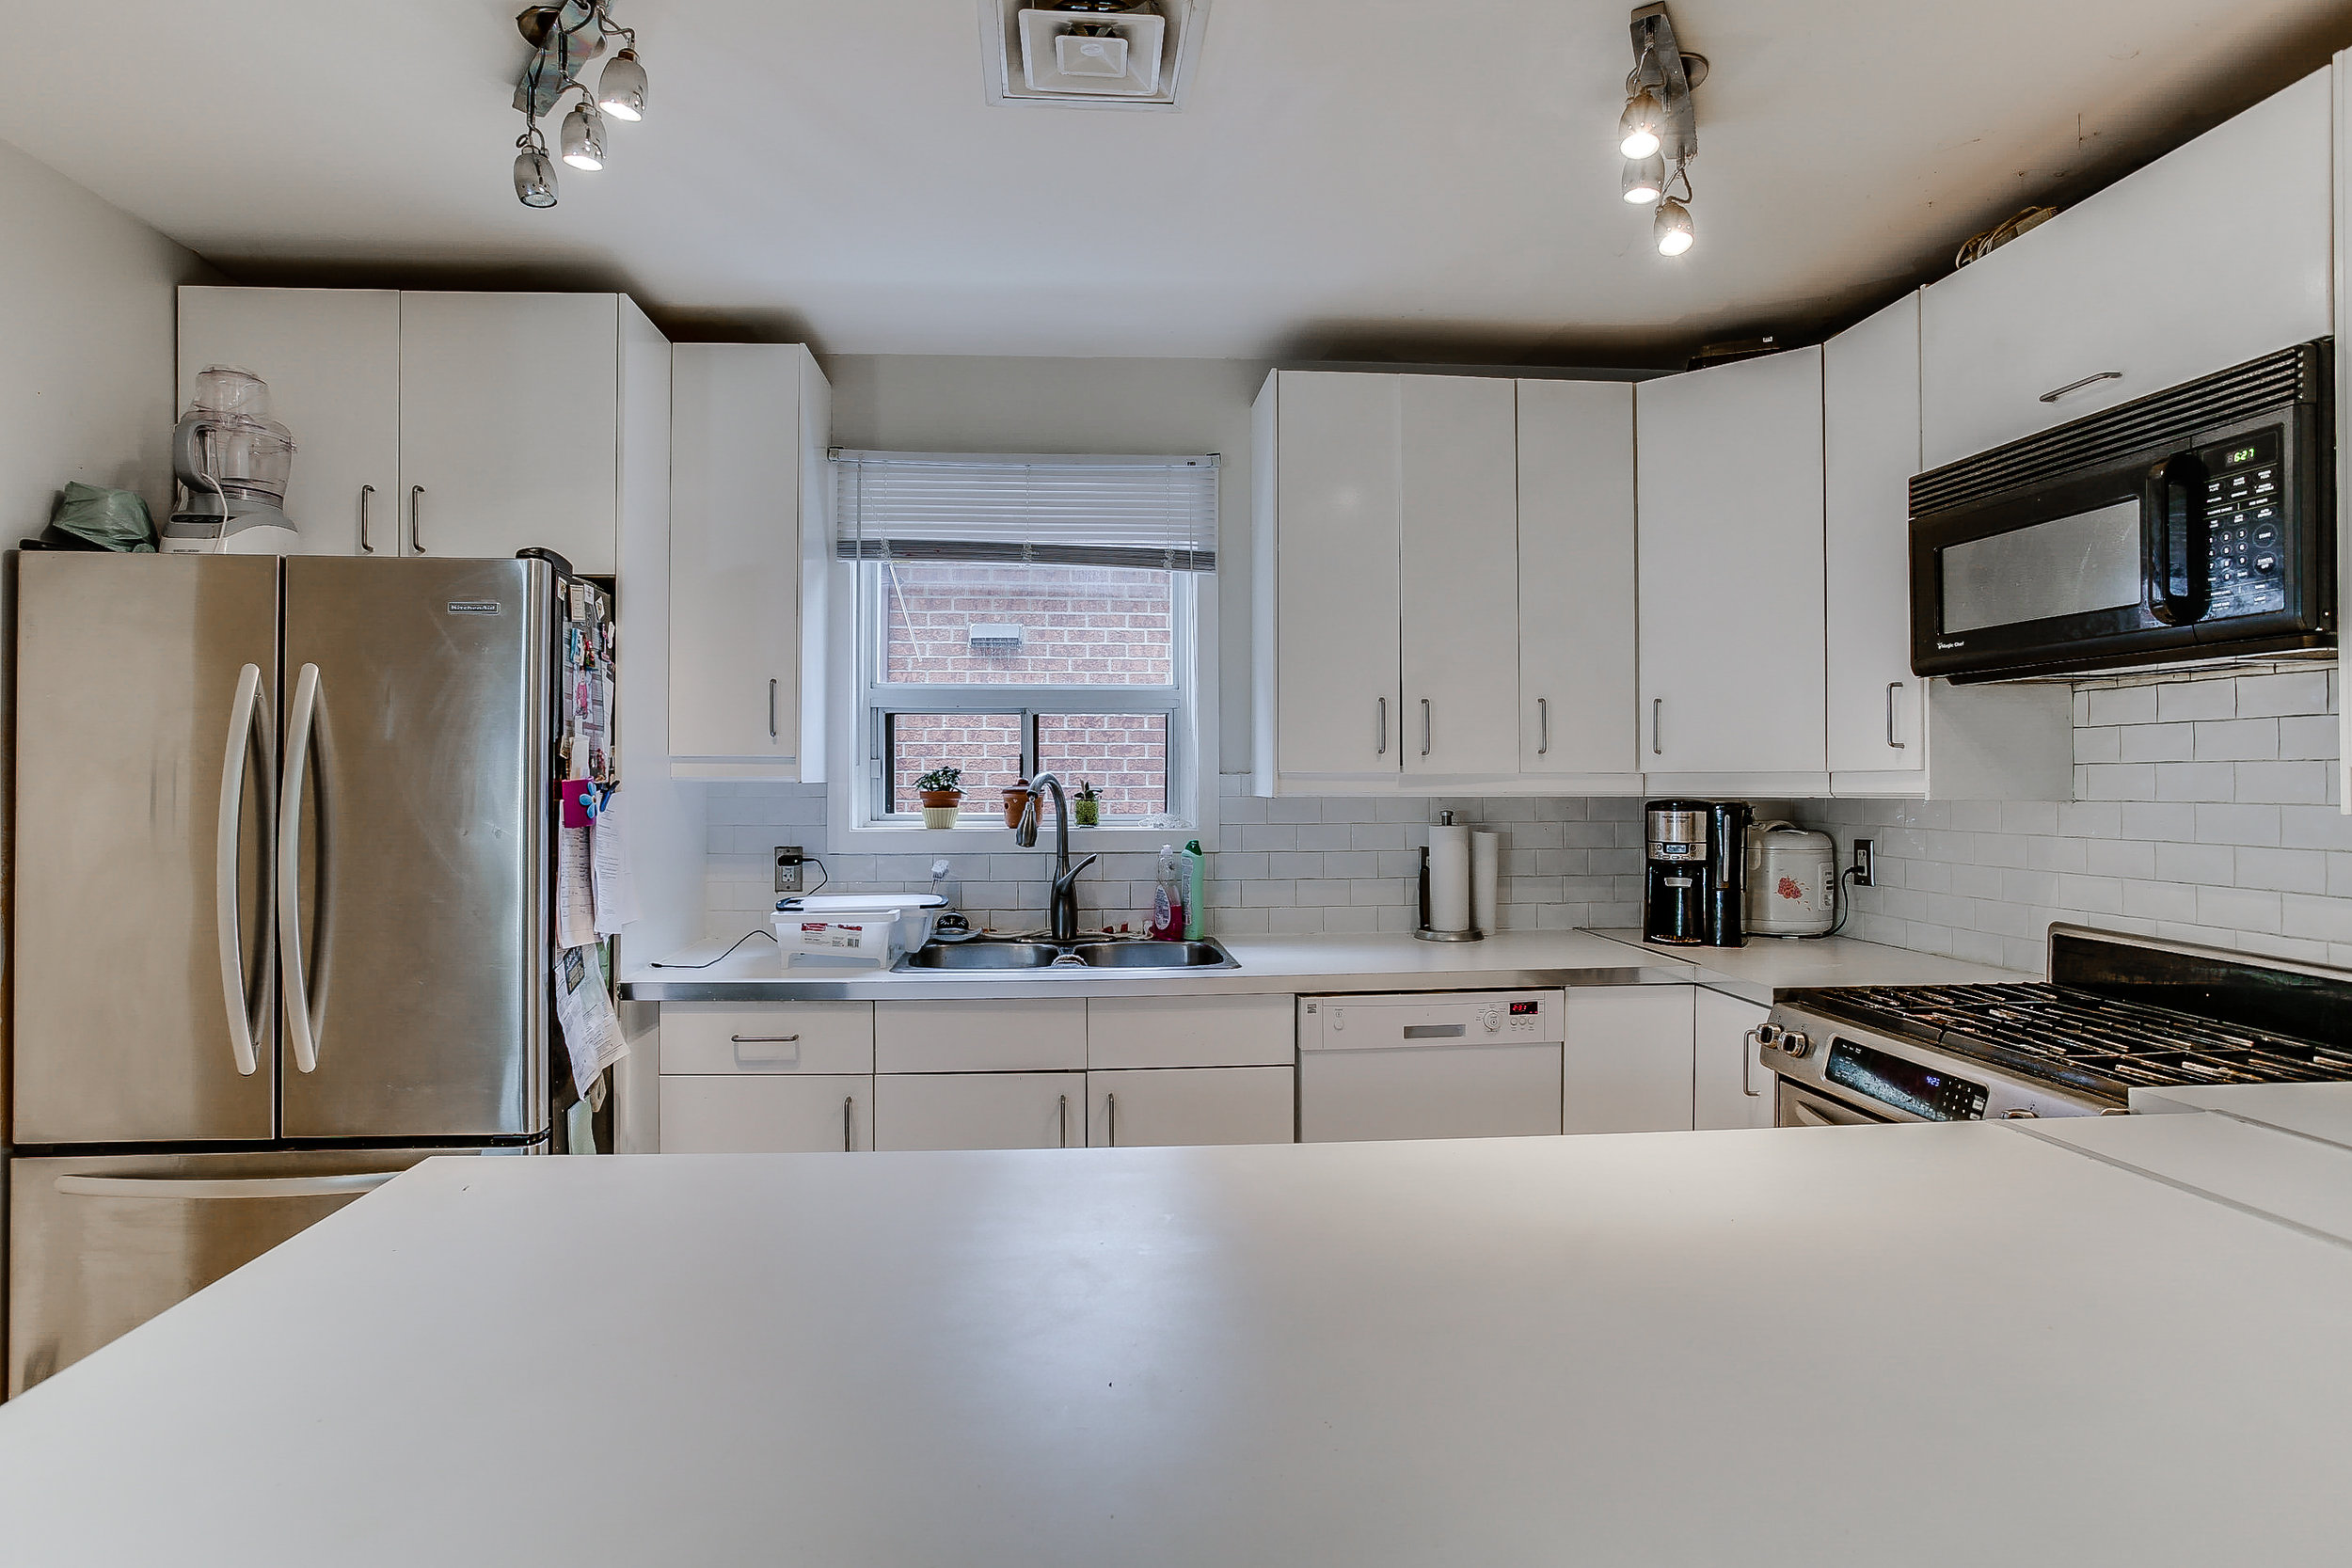 17_kitchen4.jpg